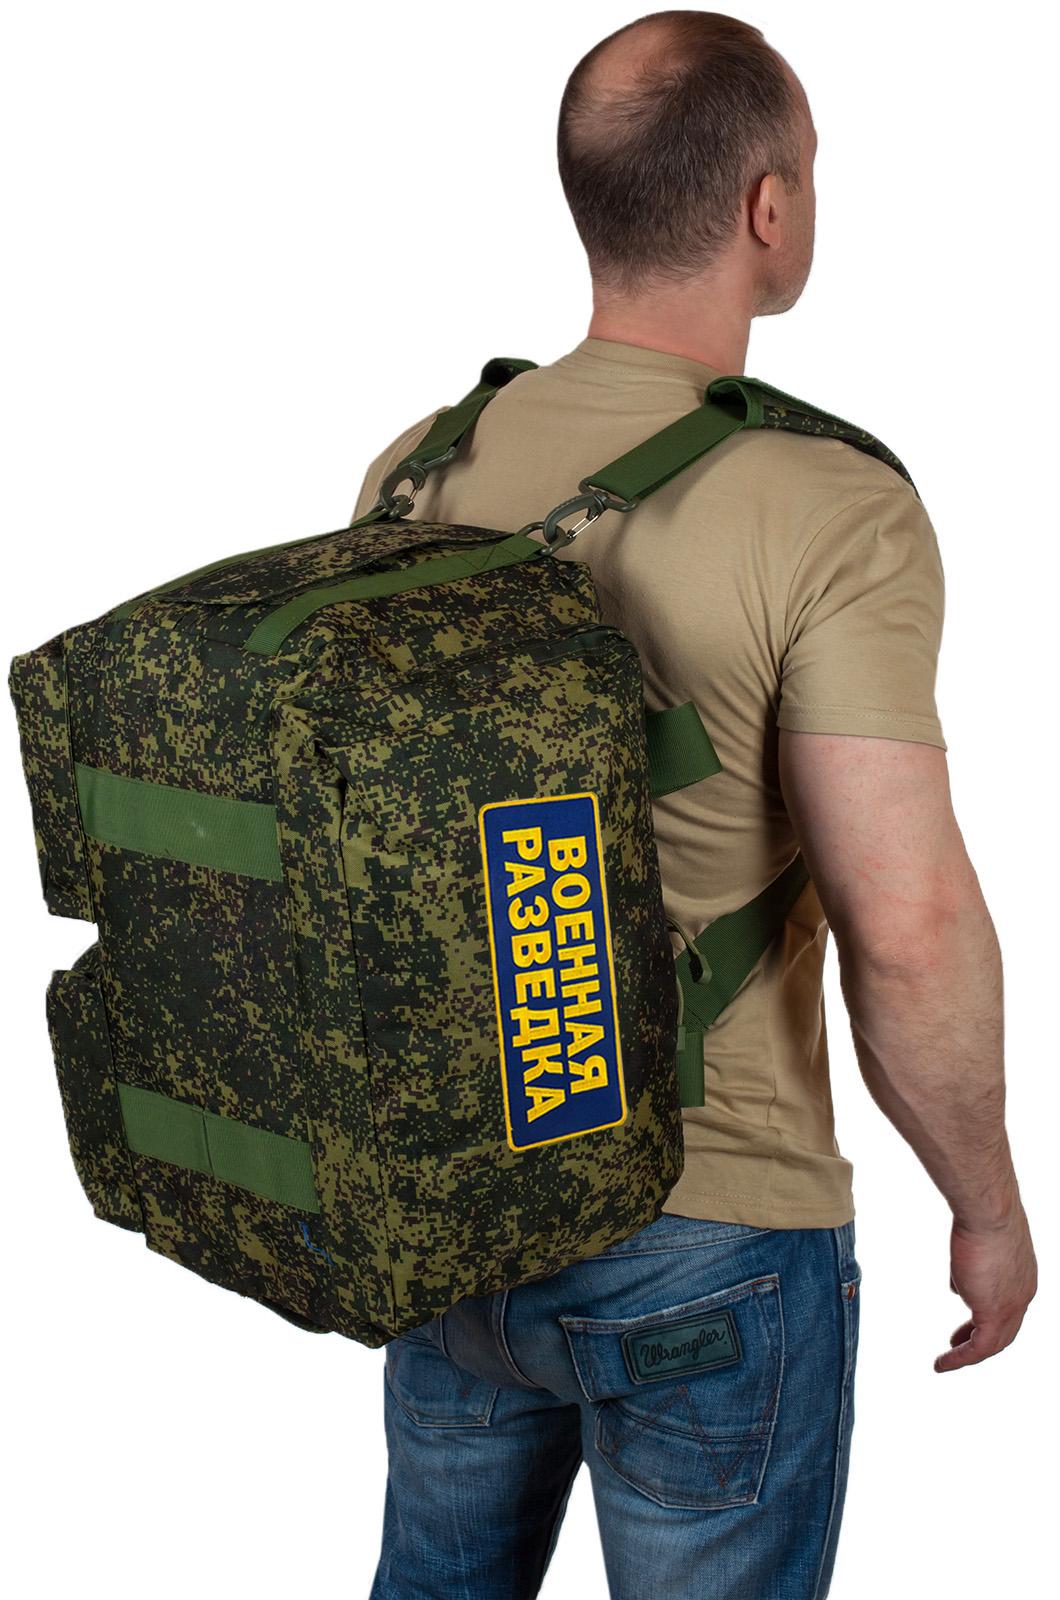 Купить в военторге Военпро заплечную военную сумку разведчика